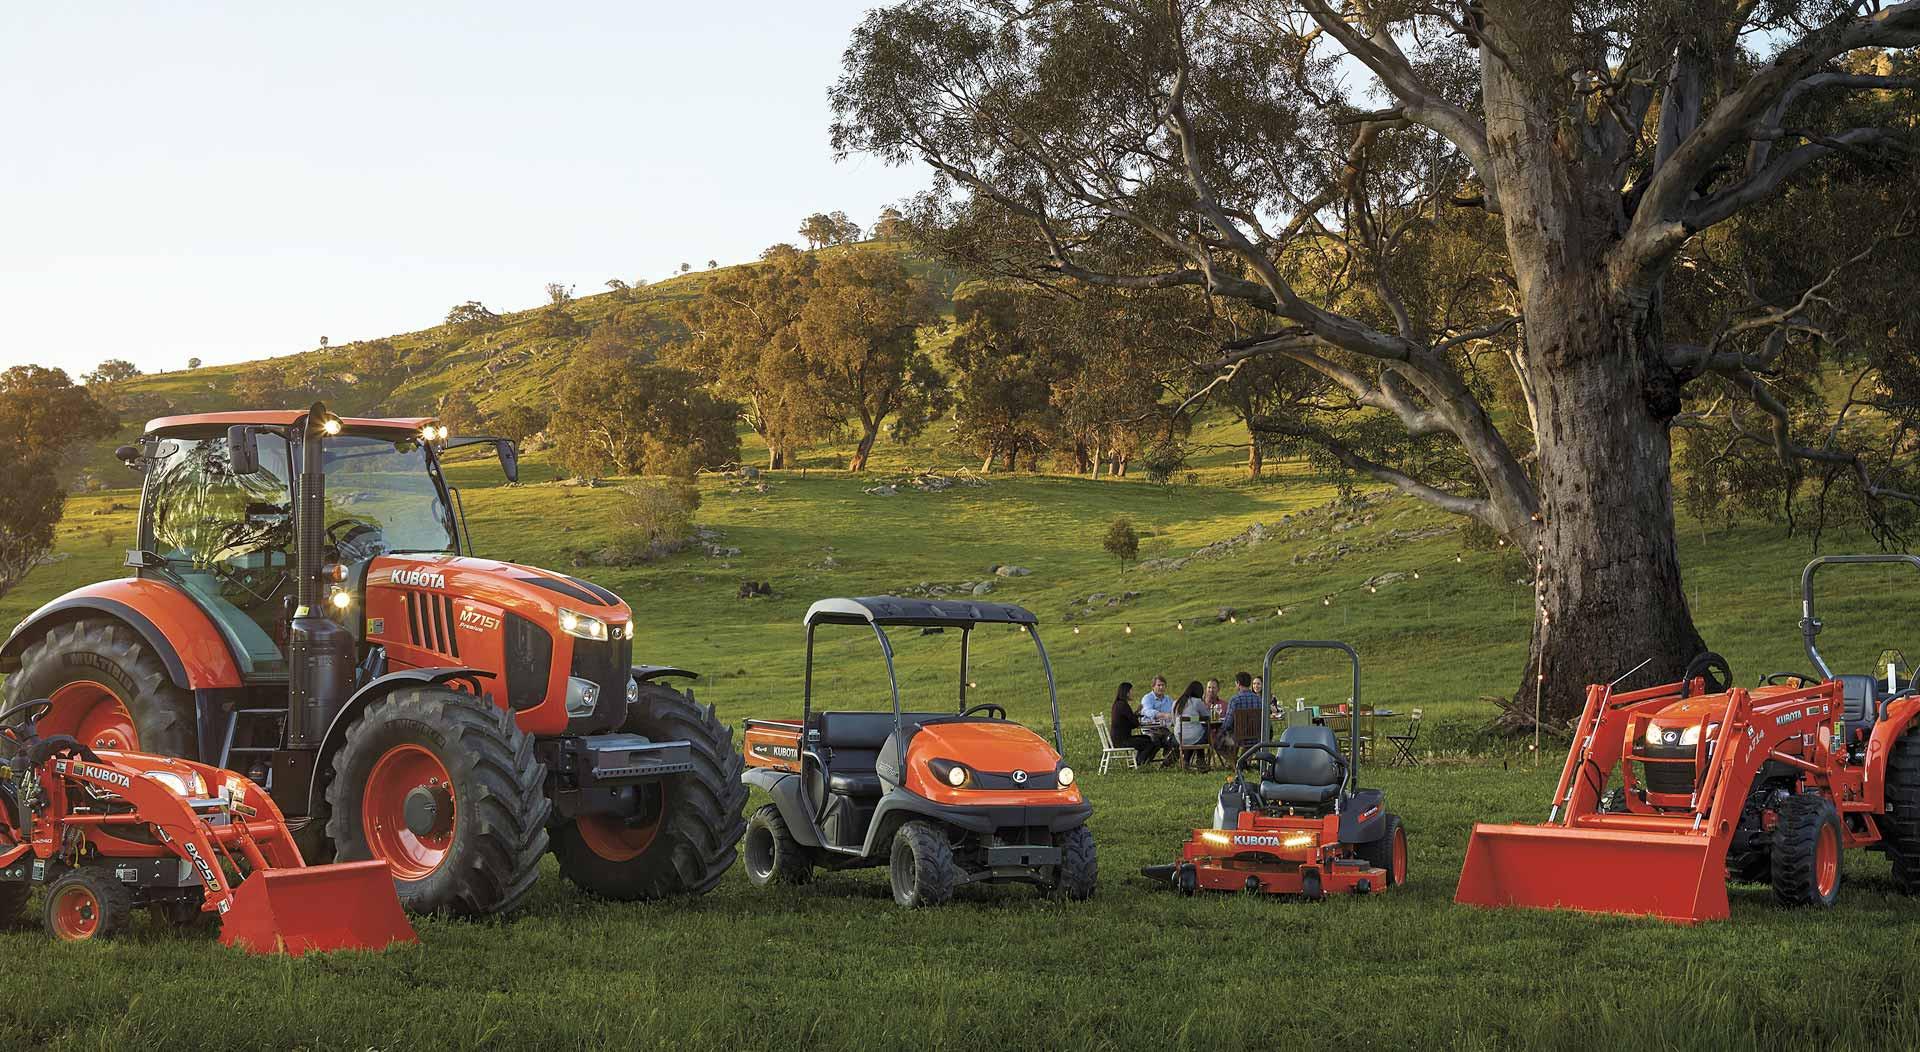 kubota-tractors.jpg